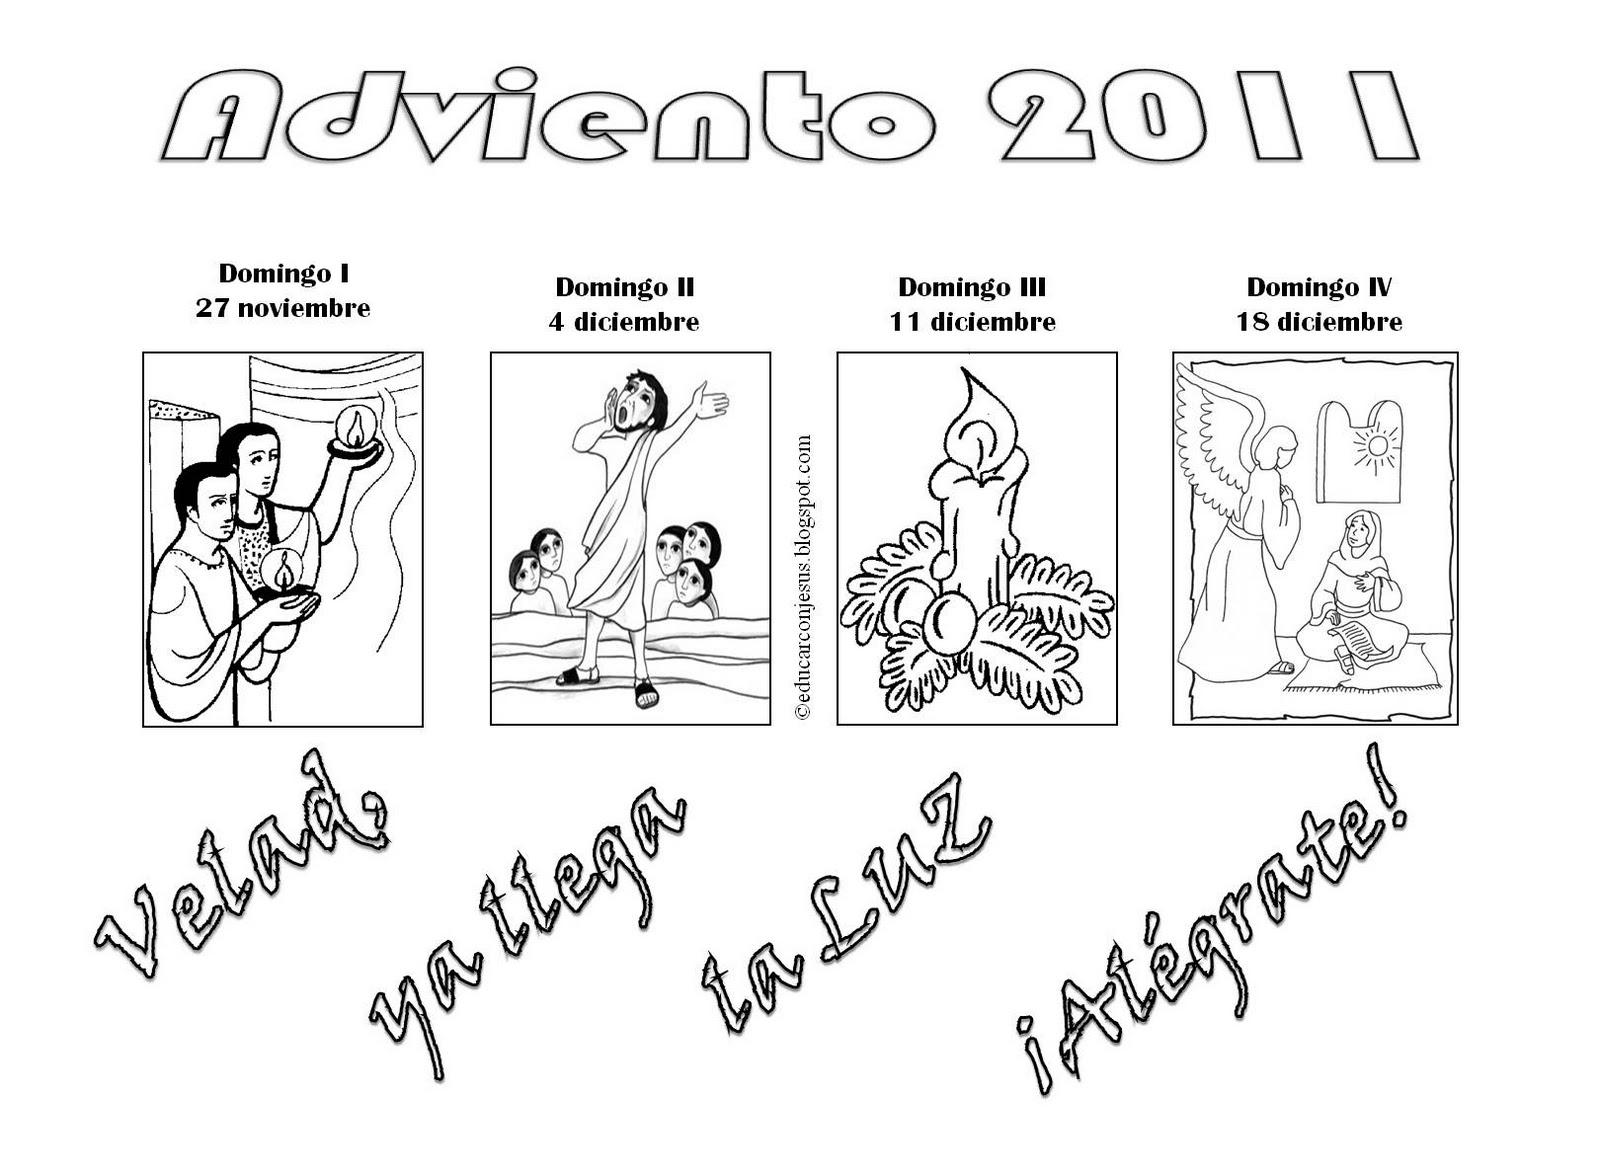 Orden Tercera Dominicana De Ocana El Adviento Para Ninos